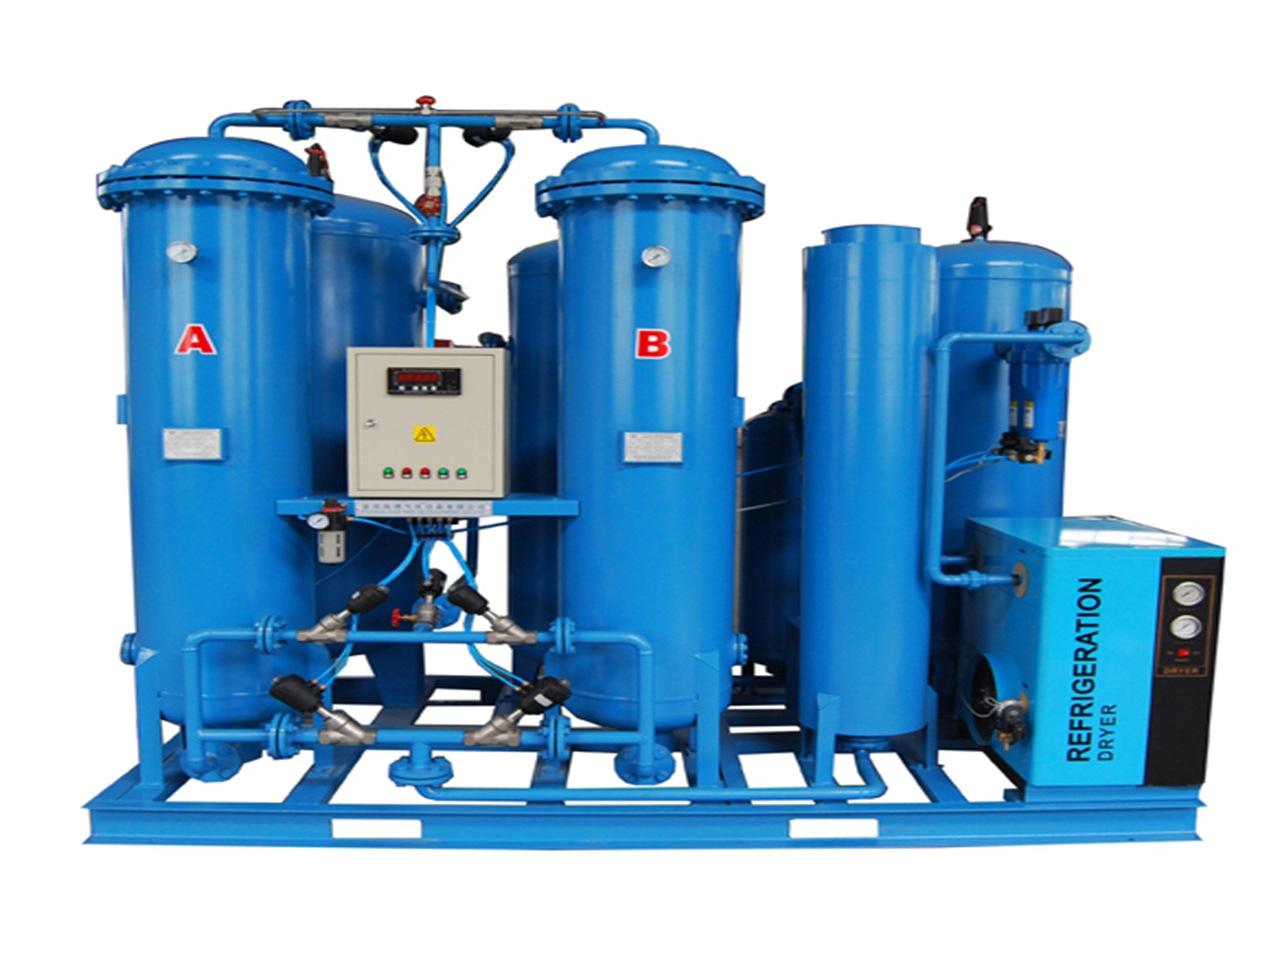 變壓吸附制氧機維修-想買耐用的制氧機-就來云南文諾